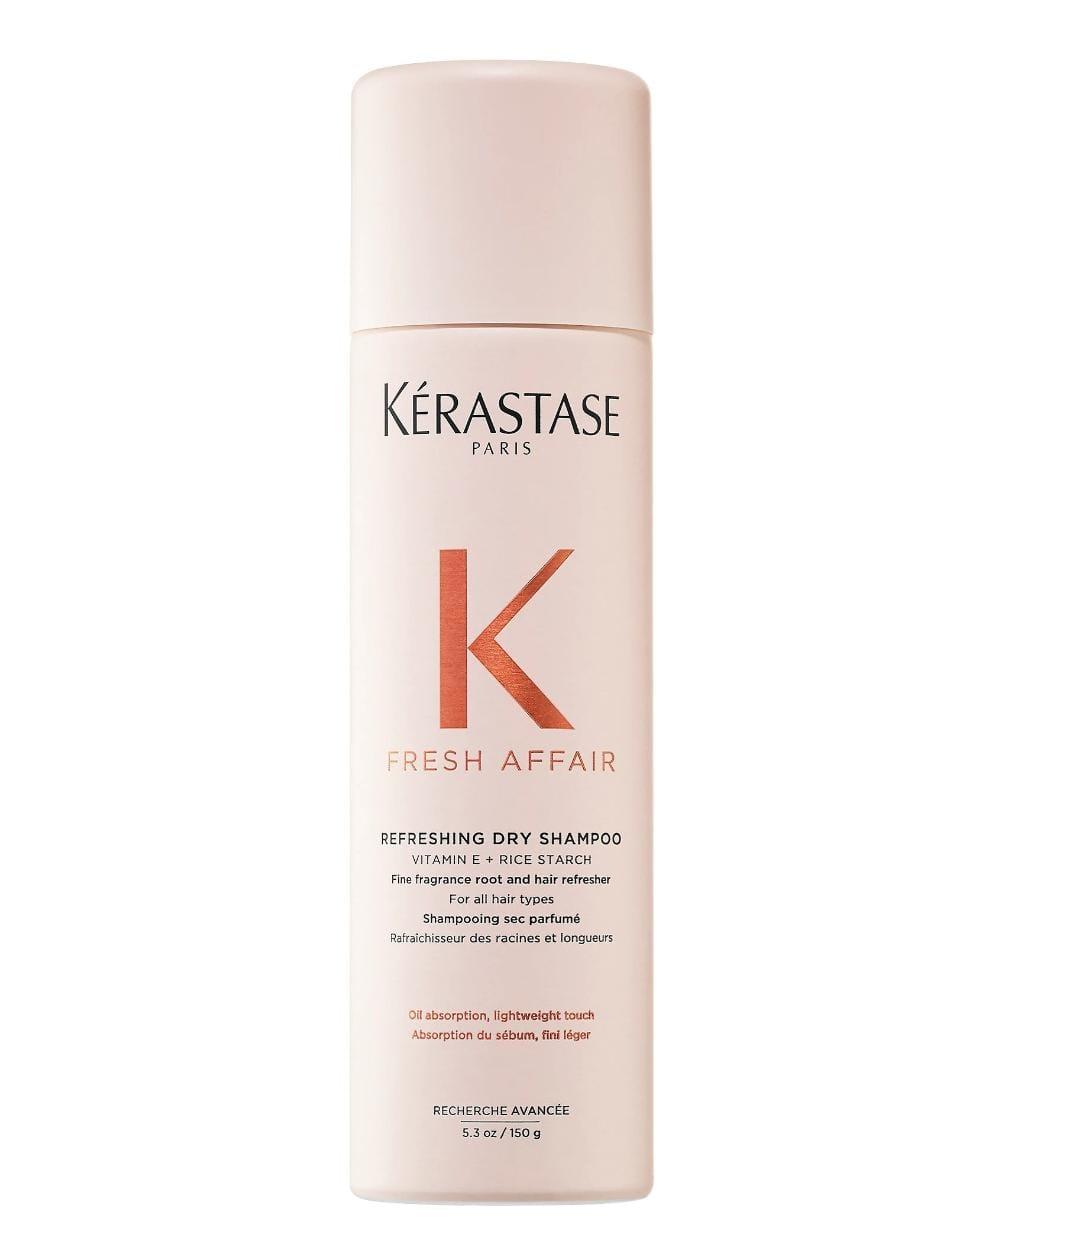 Kérastase Fresh Affair - Shampoo a seco 150g